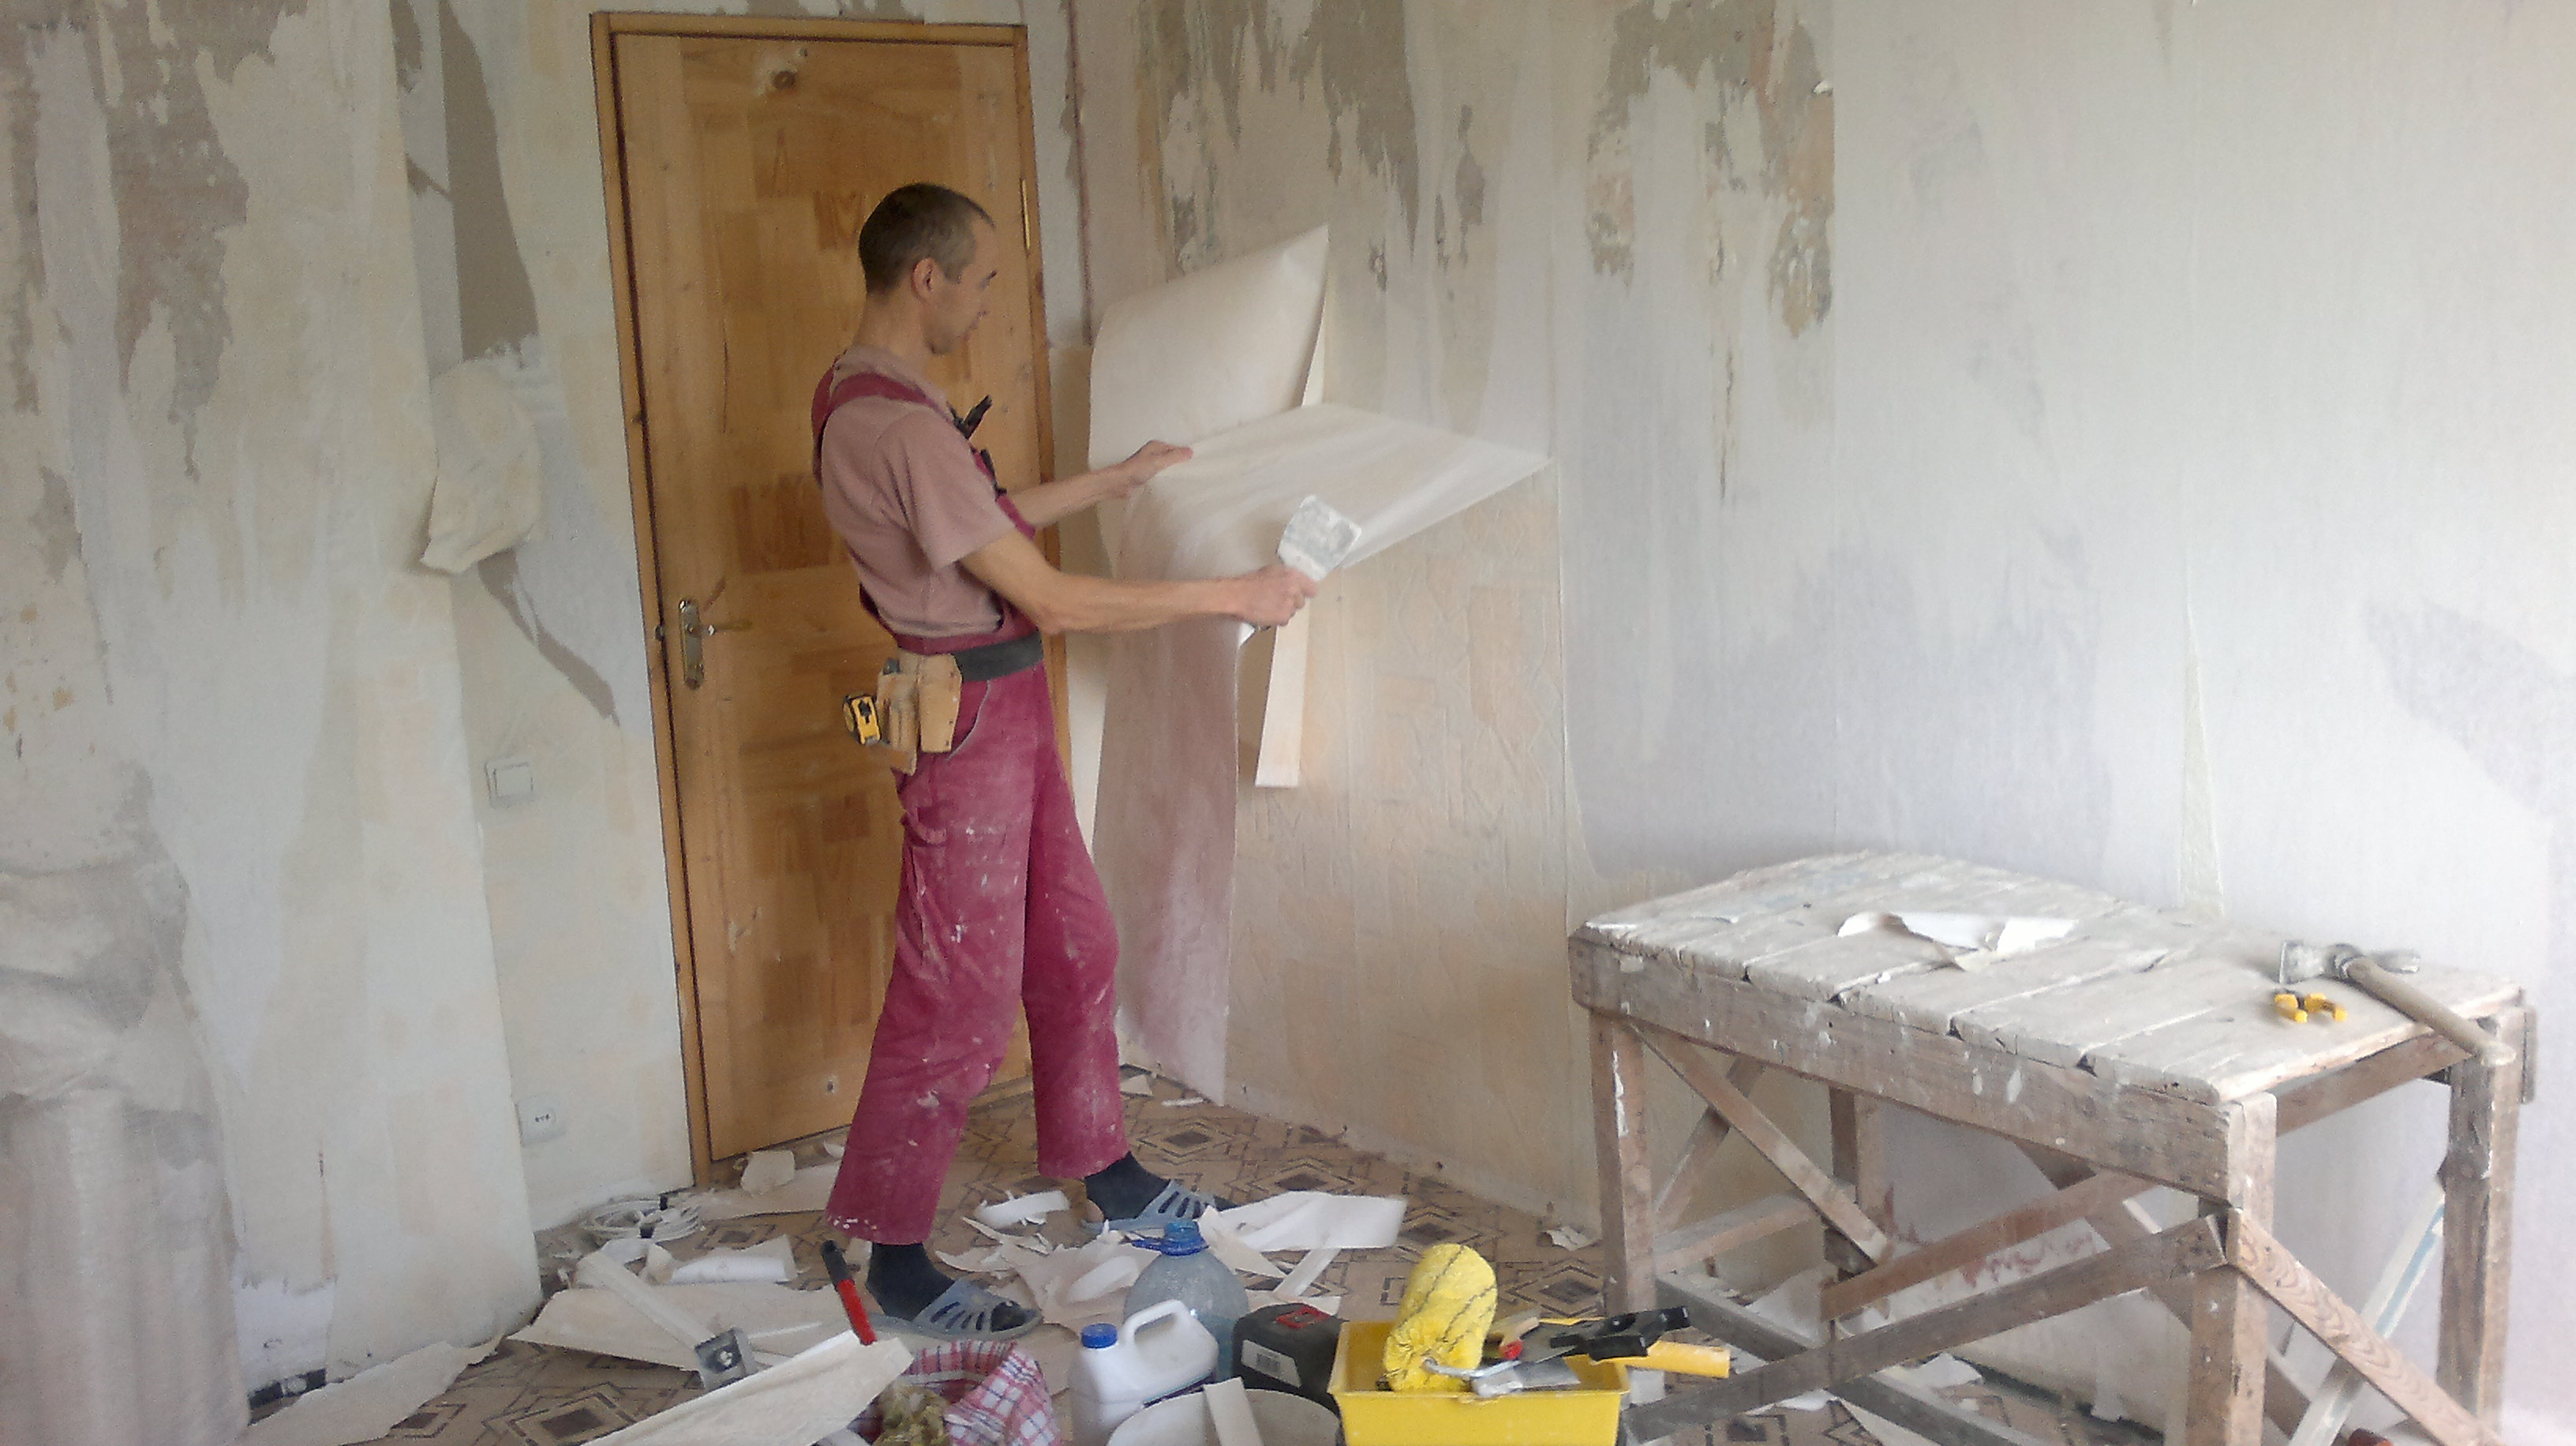 Дешёвый ремонт квартиры своими руками фото